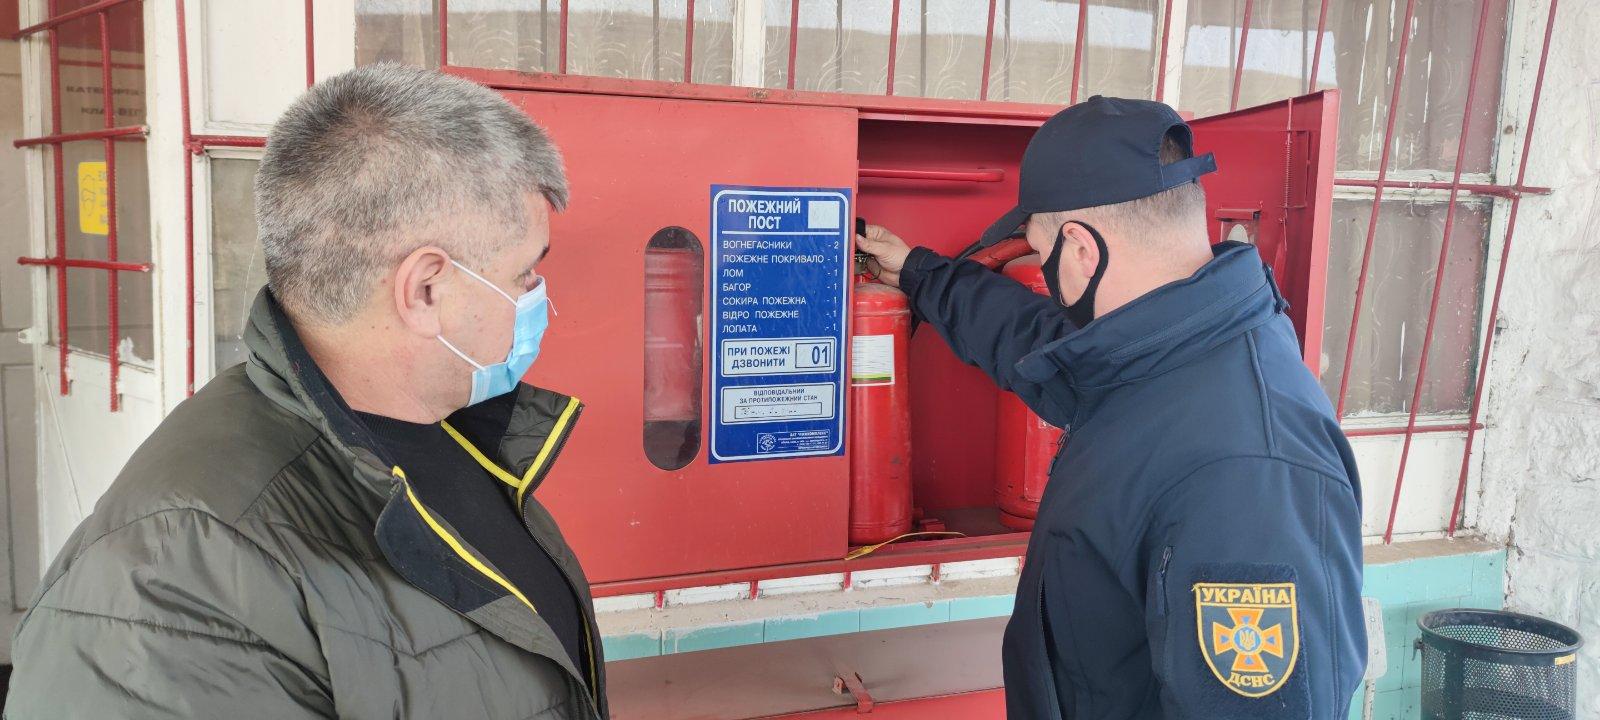 Рятувальниками Закарпаття заплановано проінспектувати 804 такі об'єкти на дотримання вимог пожежної та техногенної безпеки.